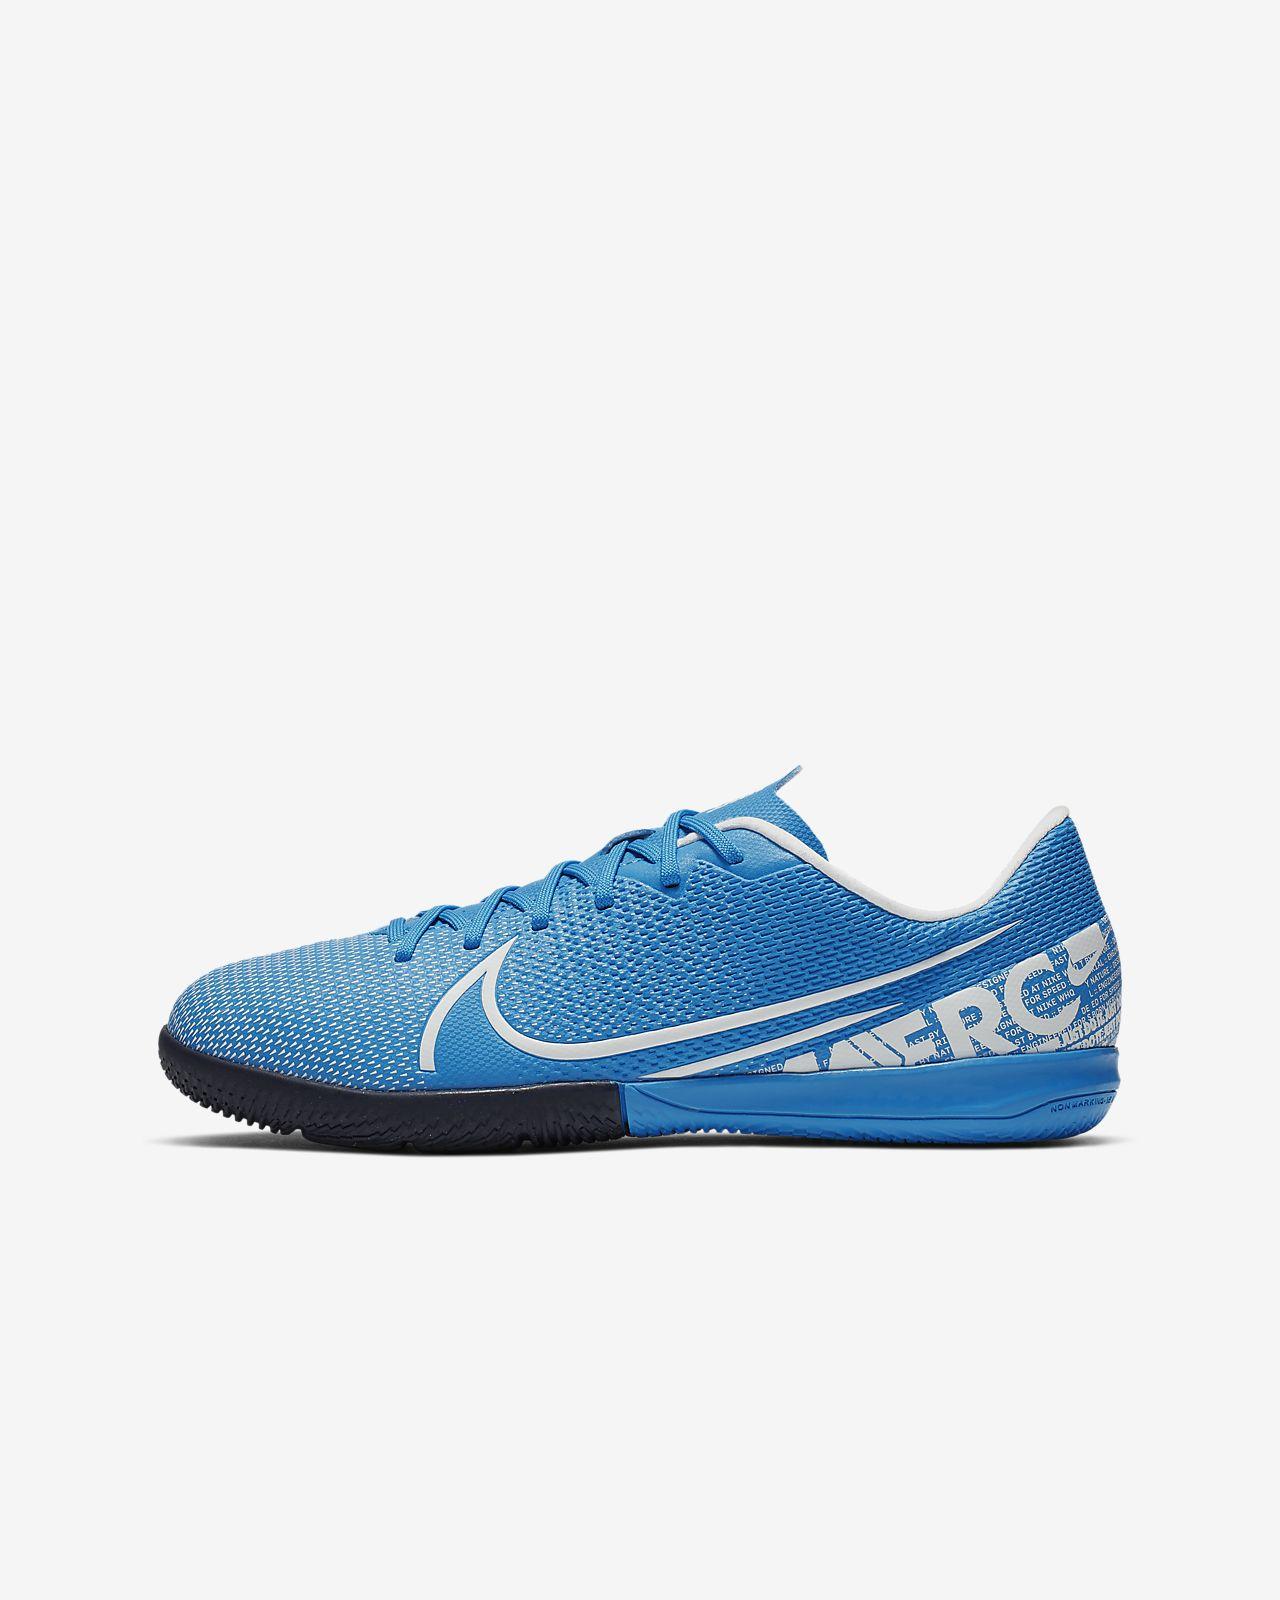 Nike Jr. Mercurial Vapor 13 Academy IC futballcipő fedett pályára gyerekeknek/nagyobb gyerekeknek